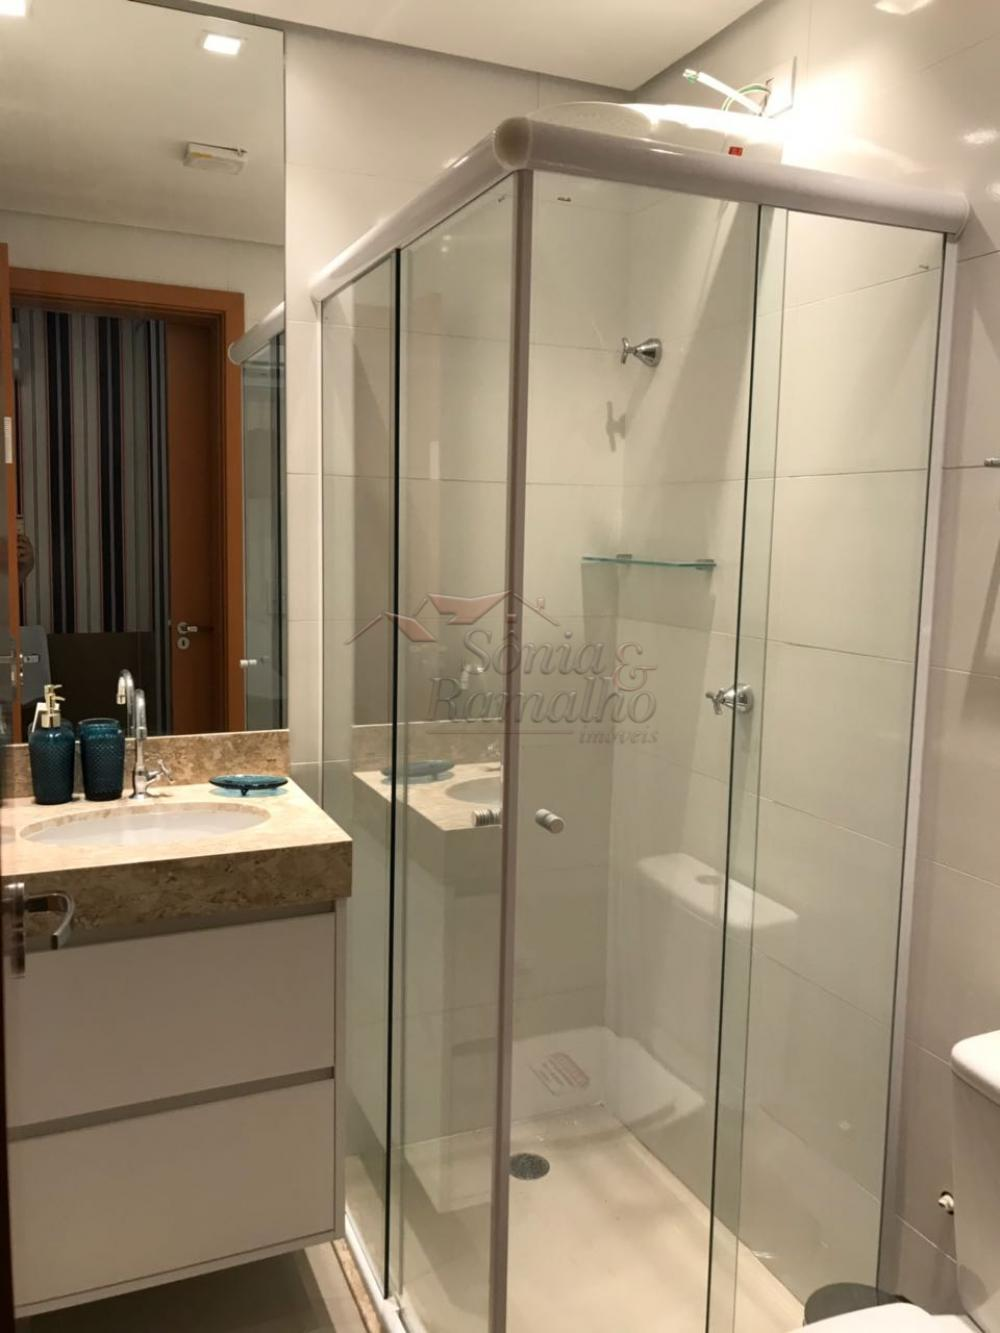 Comprar Apartamentos / Padrão em Ribeirão Preto apenas R$ 650.000,00 - Foto 15